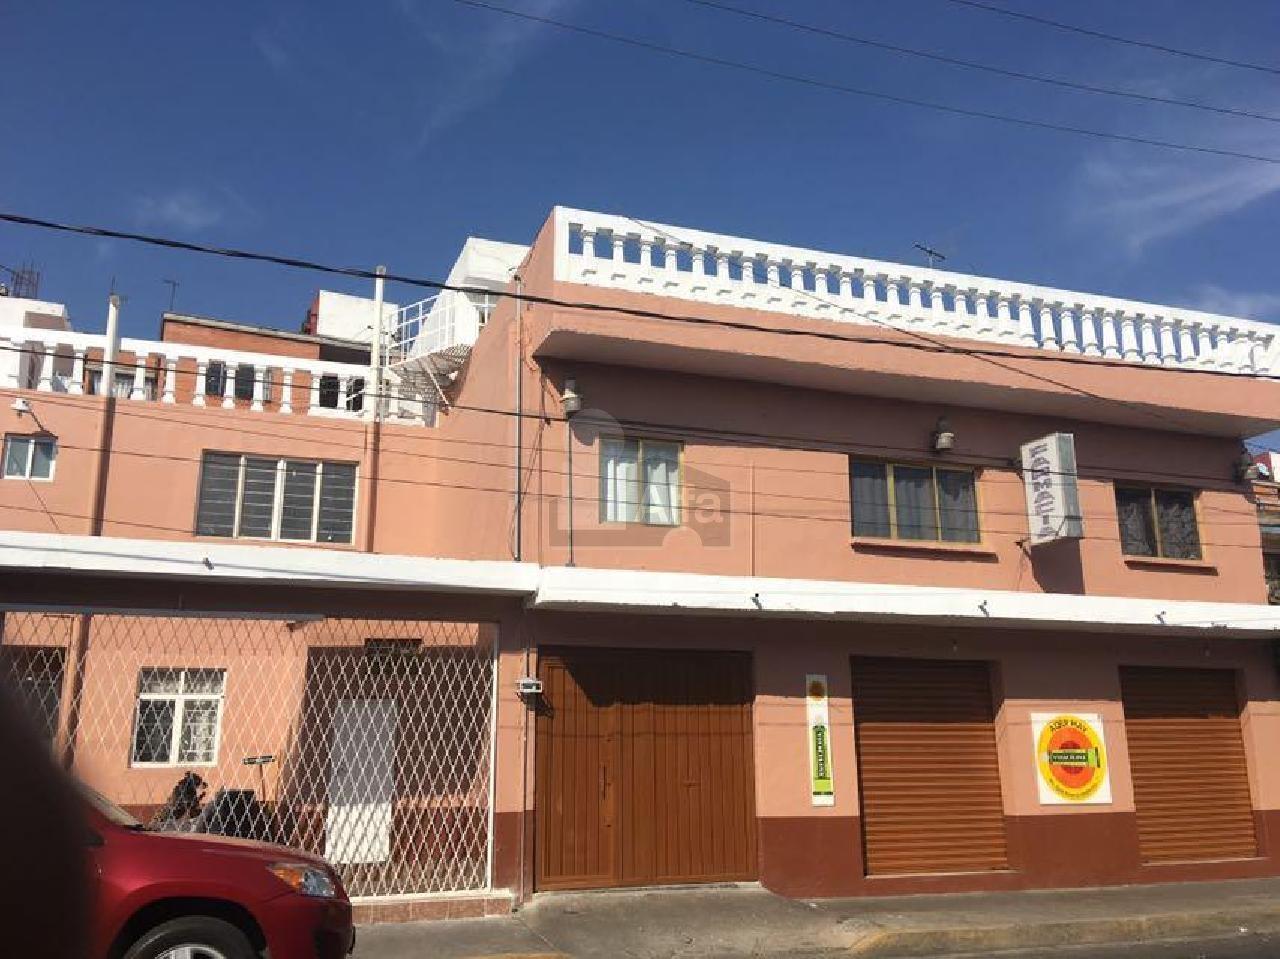 Casa en renta en iztapalapa goplaceit for Casas en renta iztapalapa